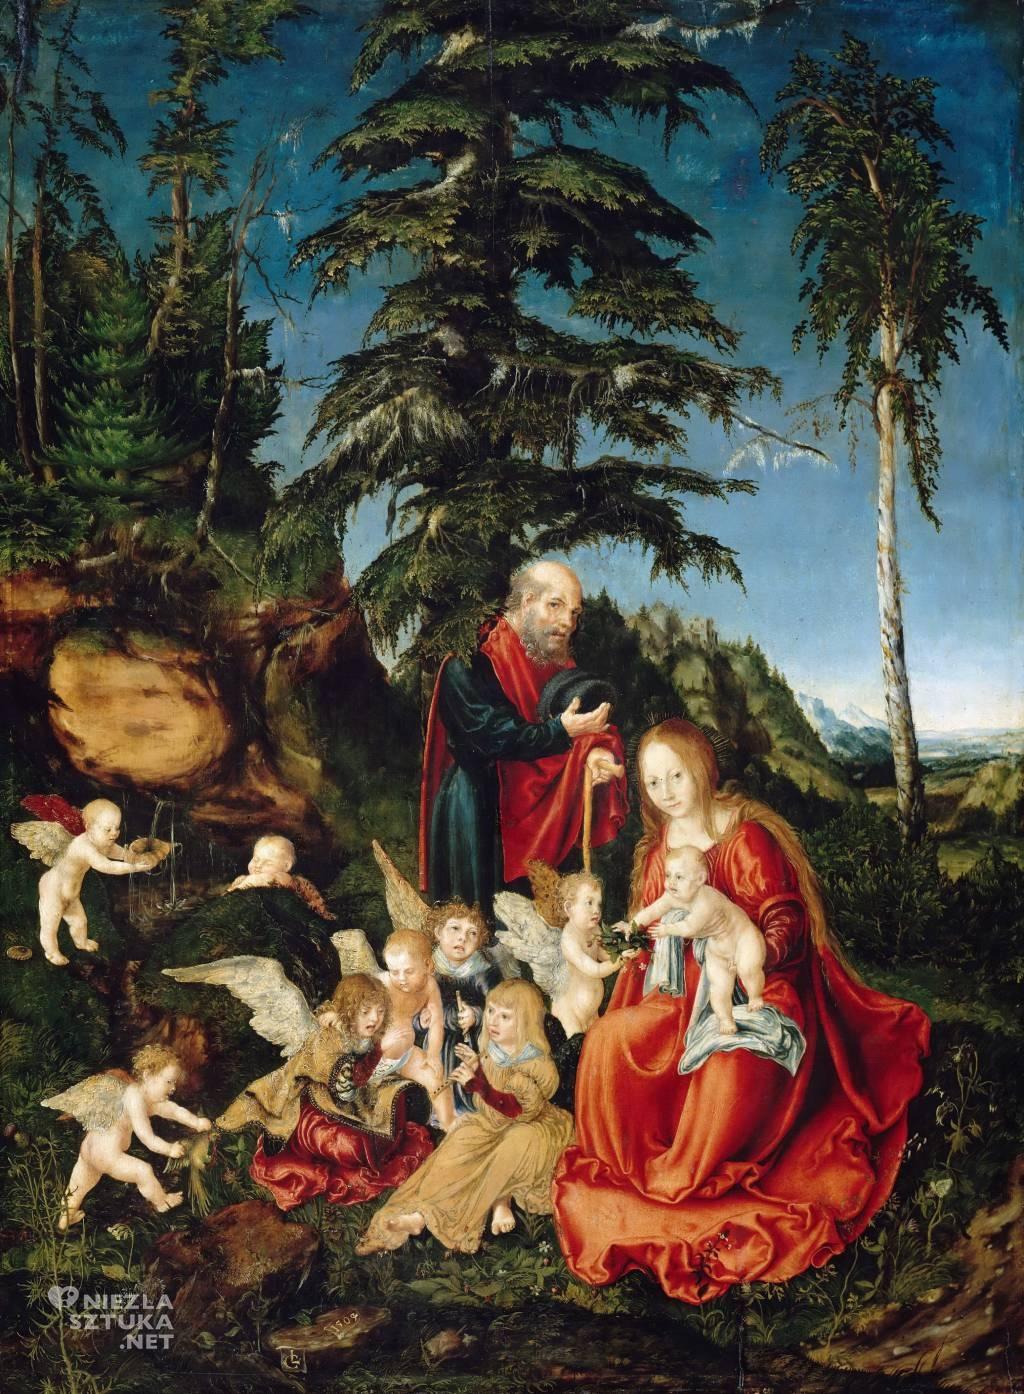 Lucas Cranach, Odpoczynek w drodze do Egiptu, sztuka religijna, sztuka niemiecka, Niezła Sztuka